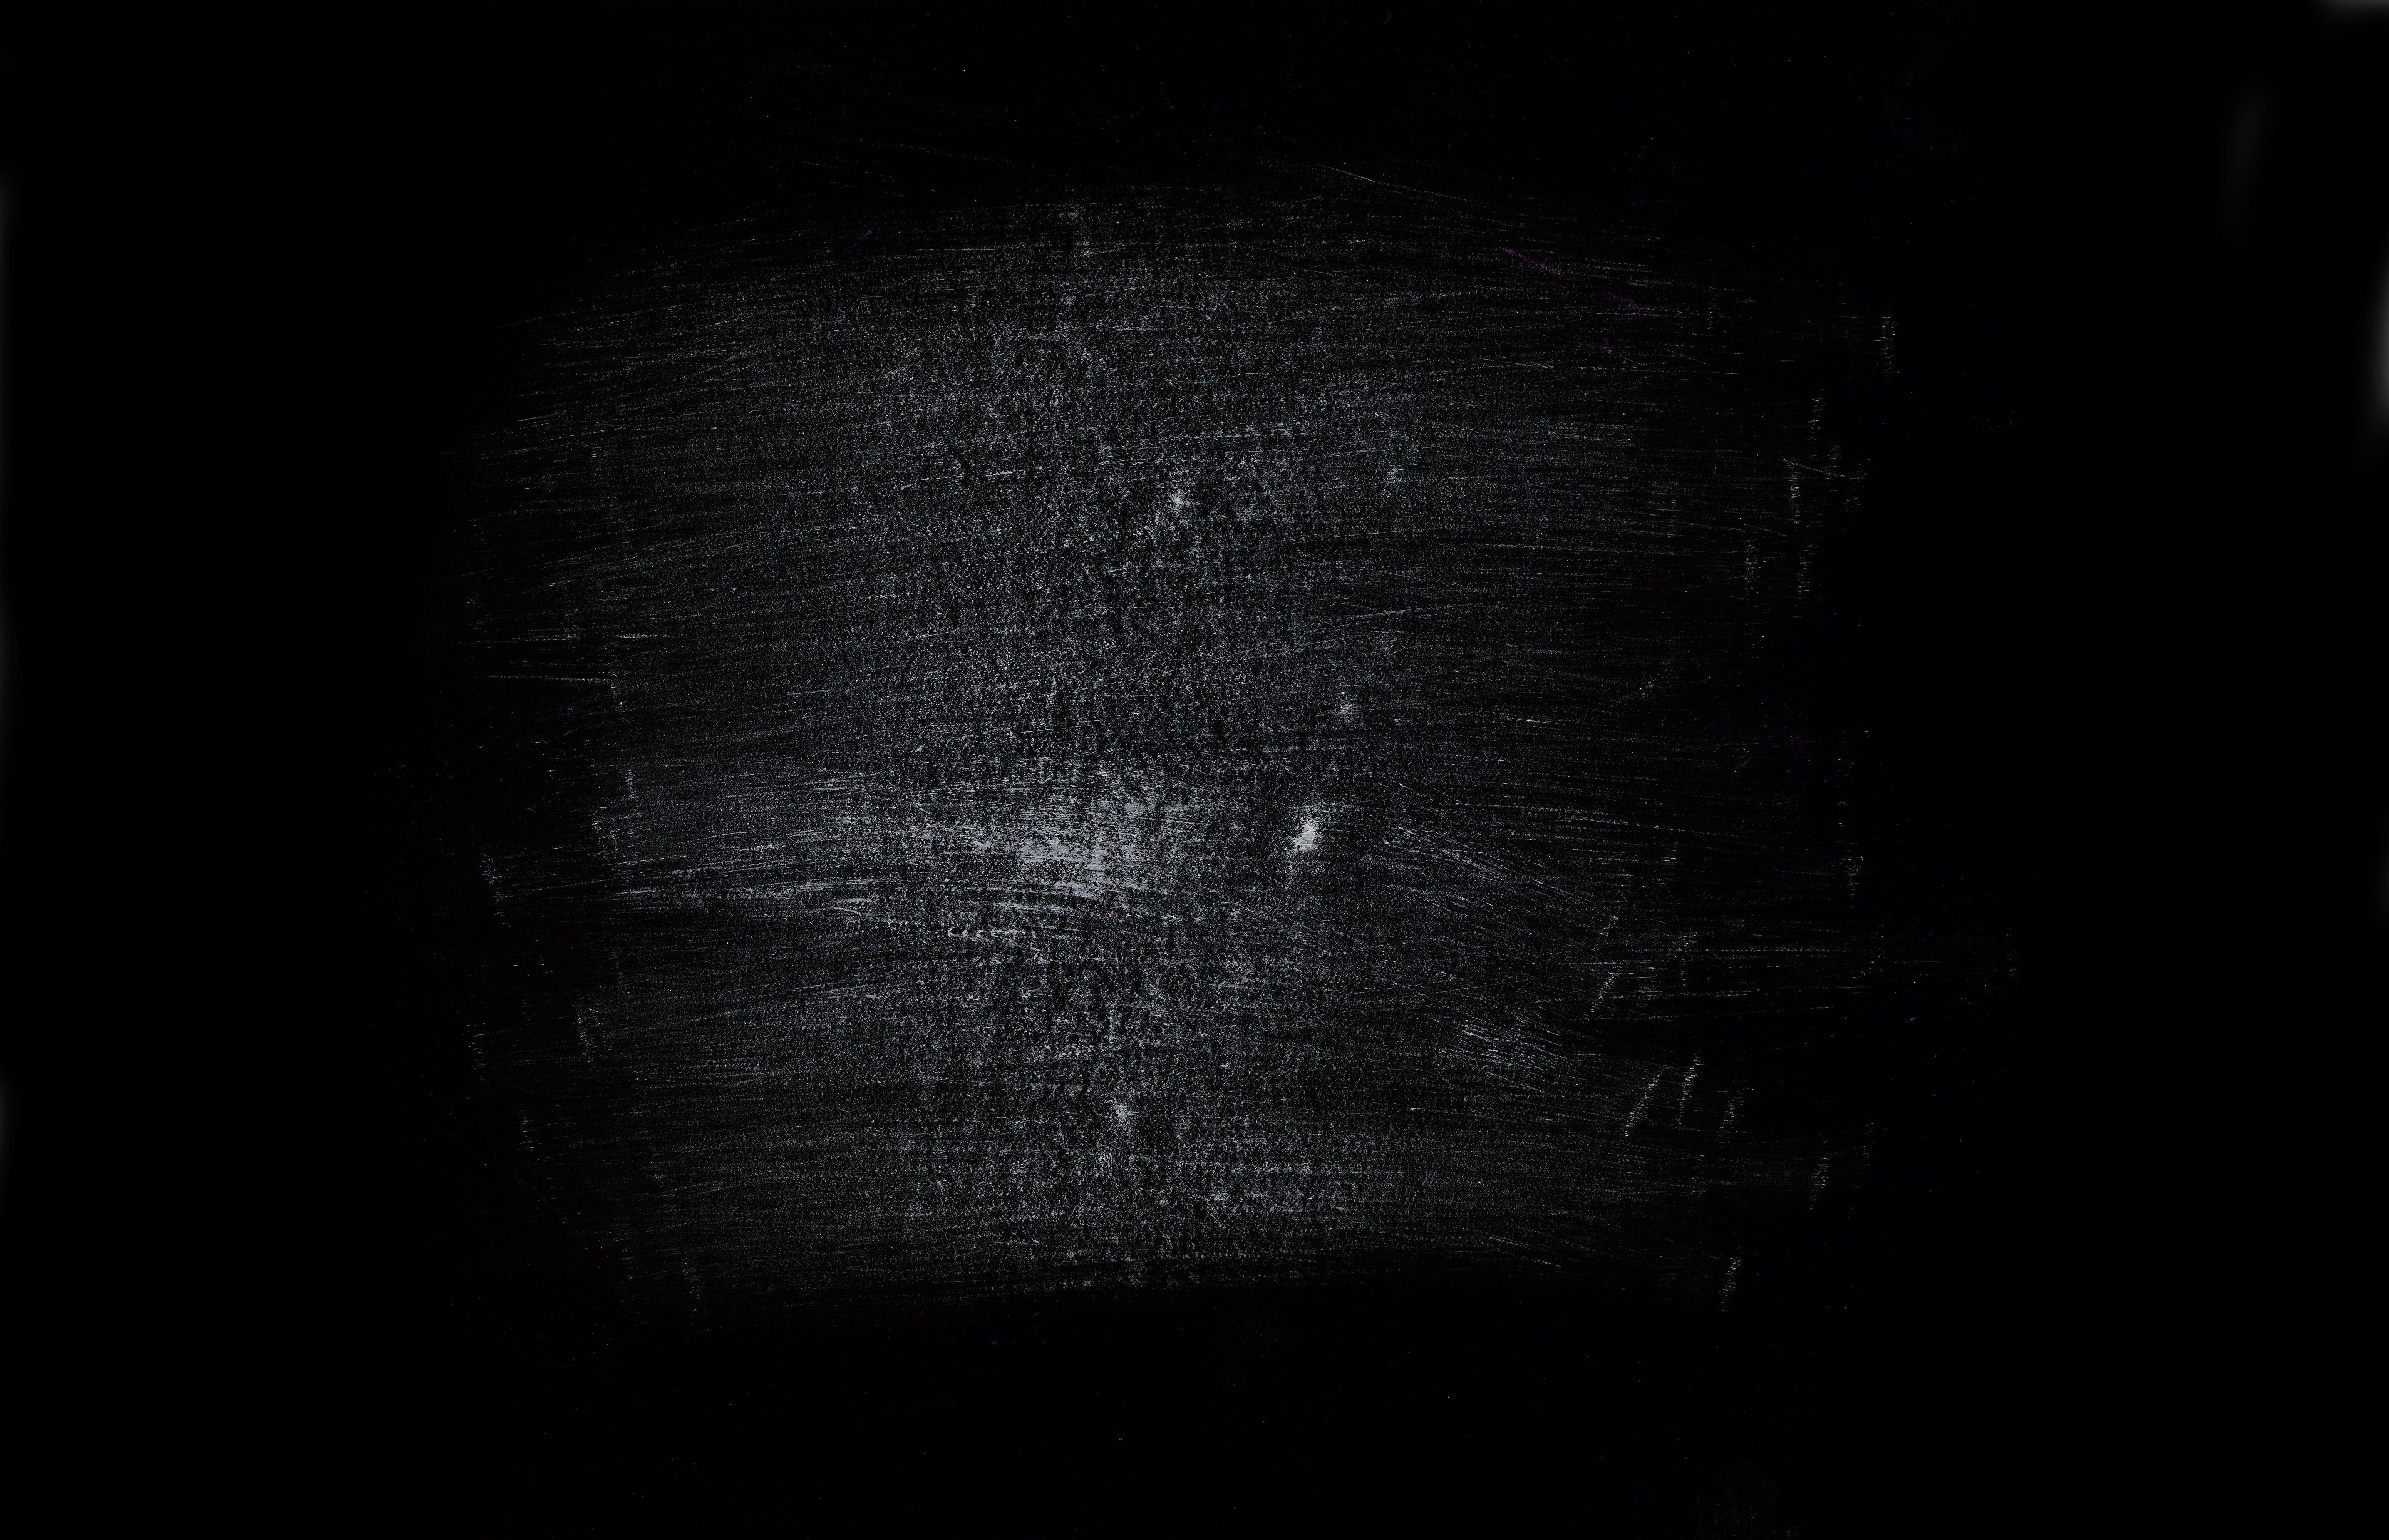 Скачать обои чёрный фон, царапины, абстракция, раздел ...